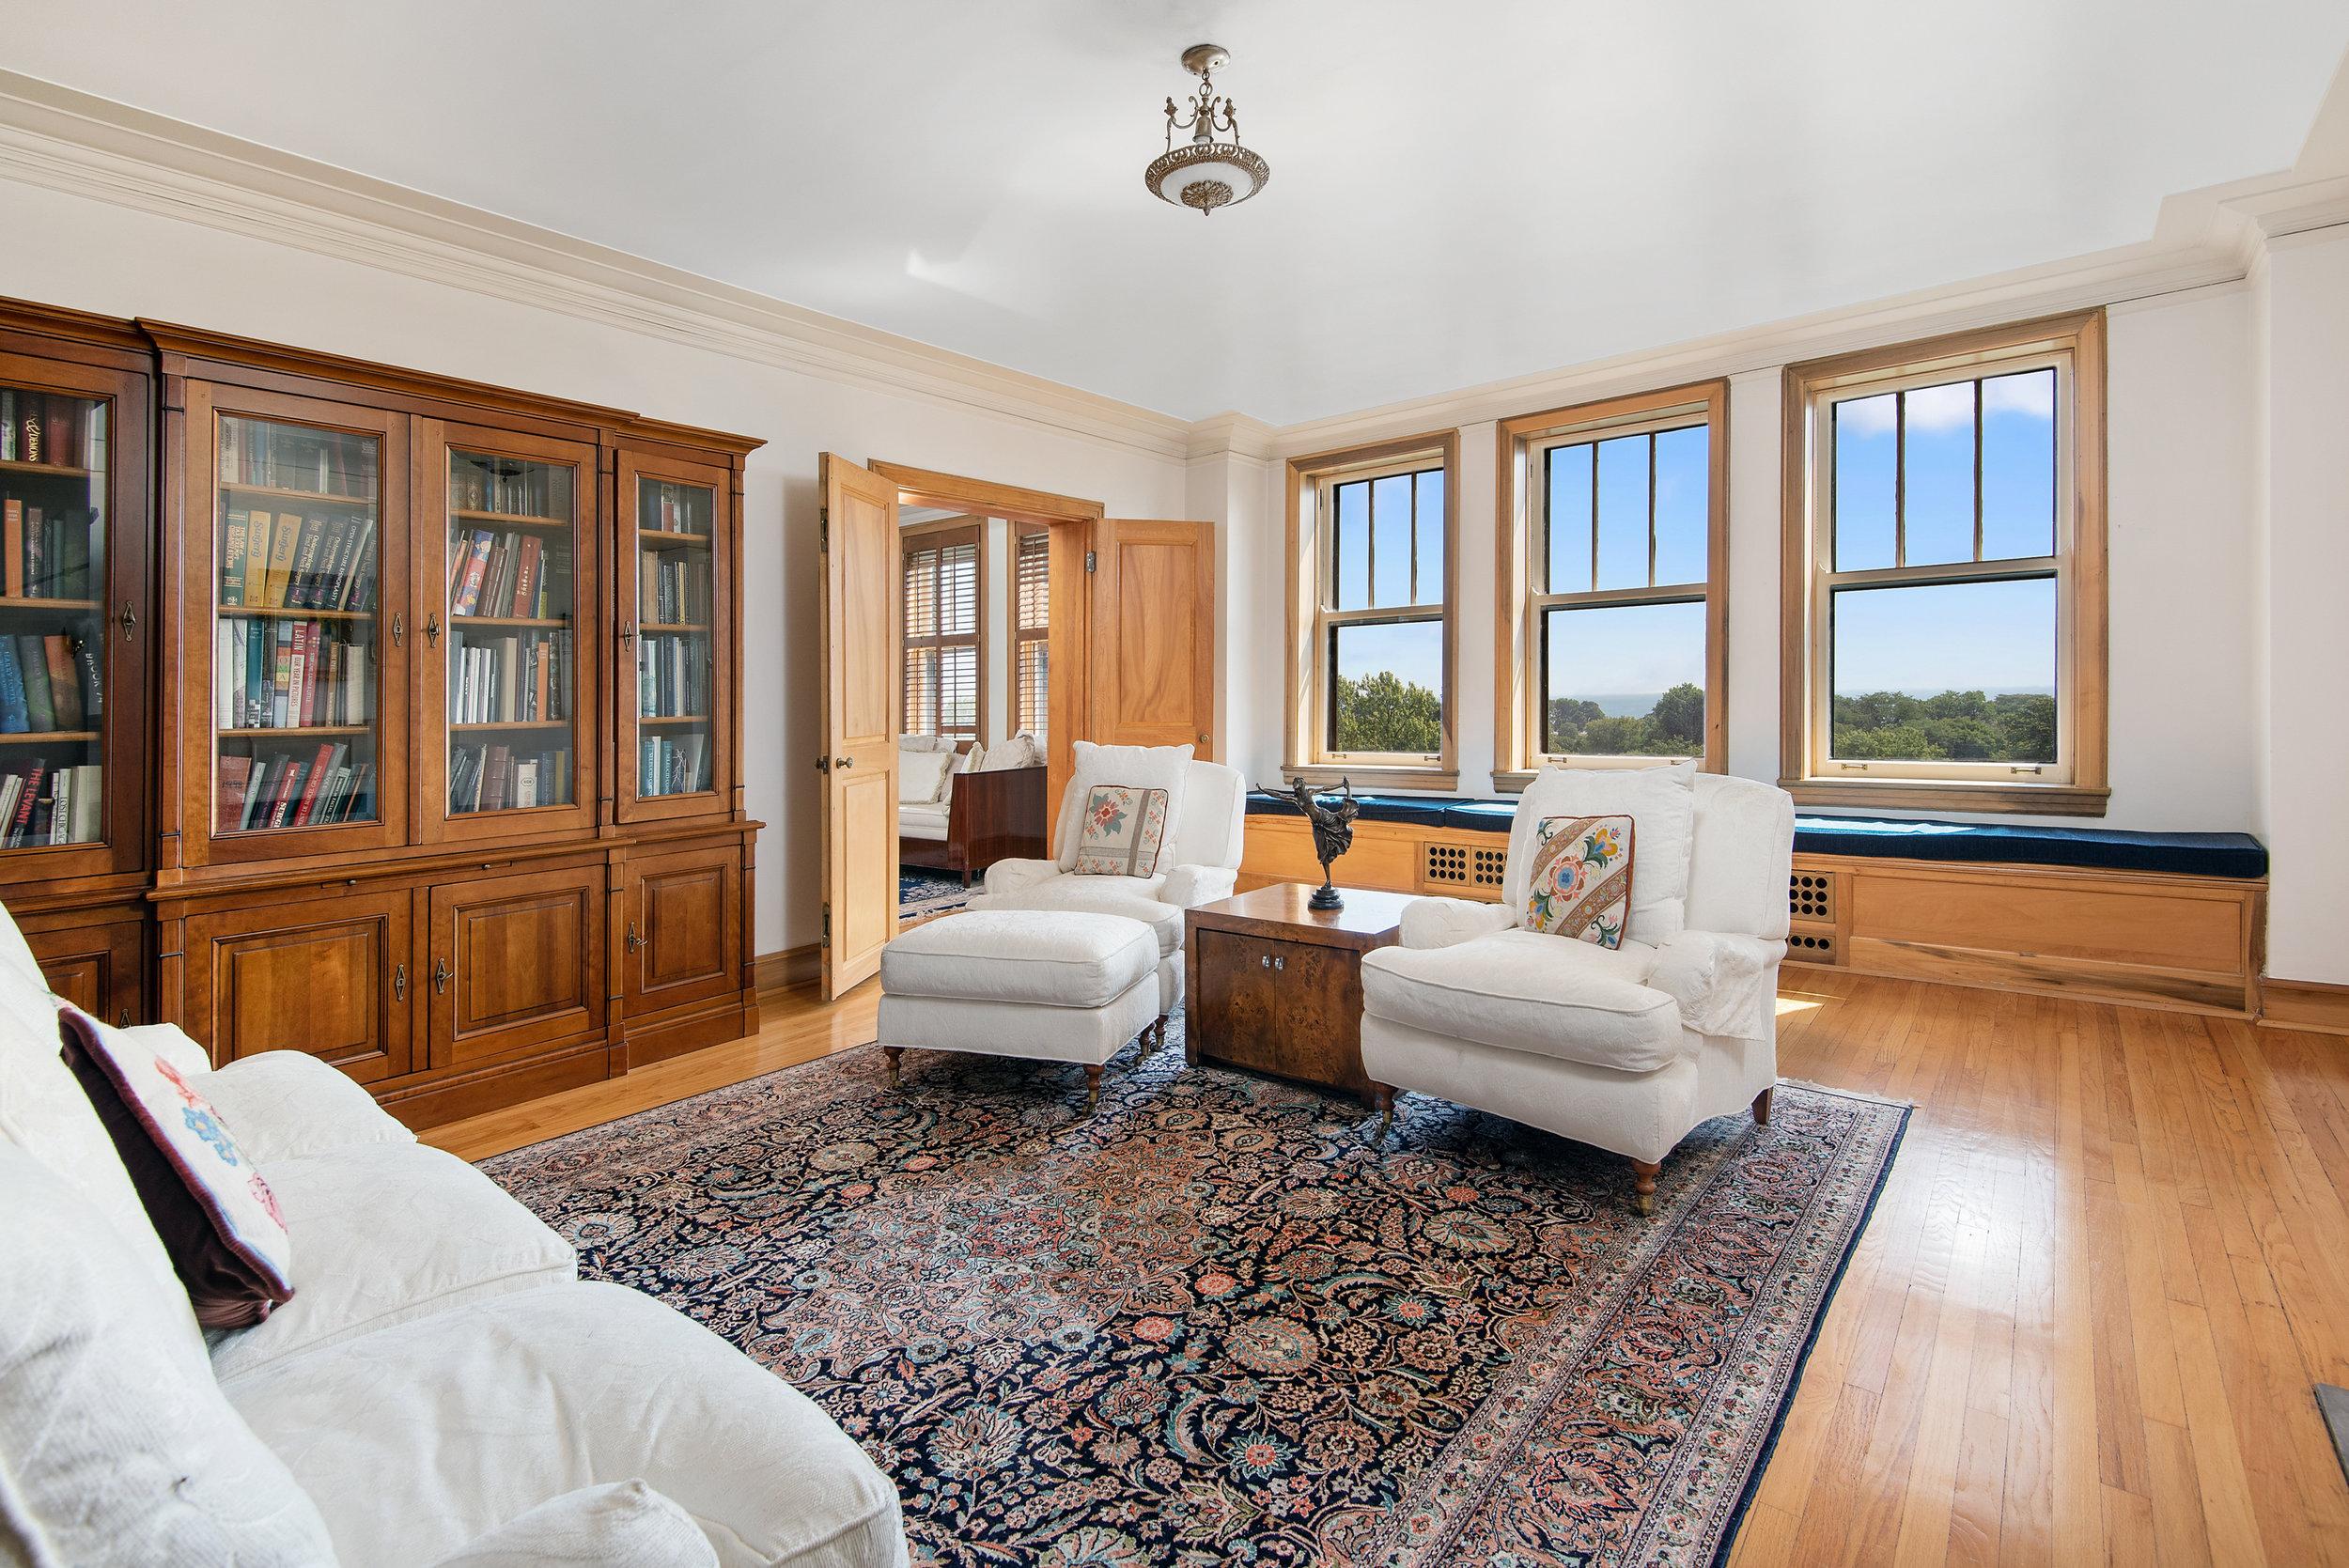 04. 2440 Lakeview living room.jpg